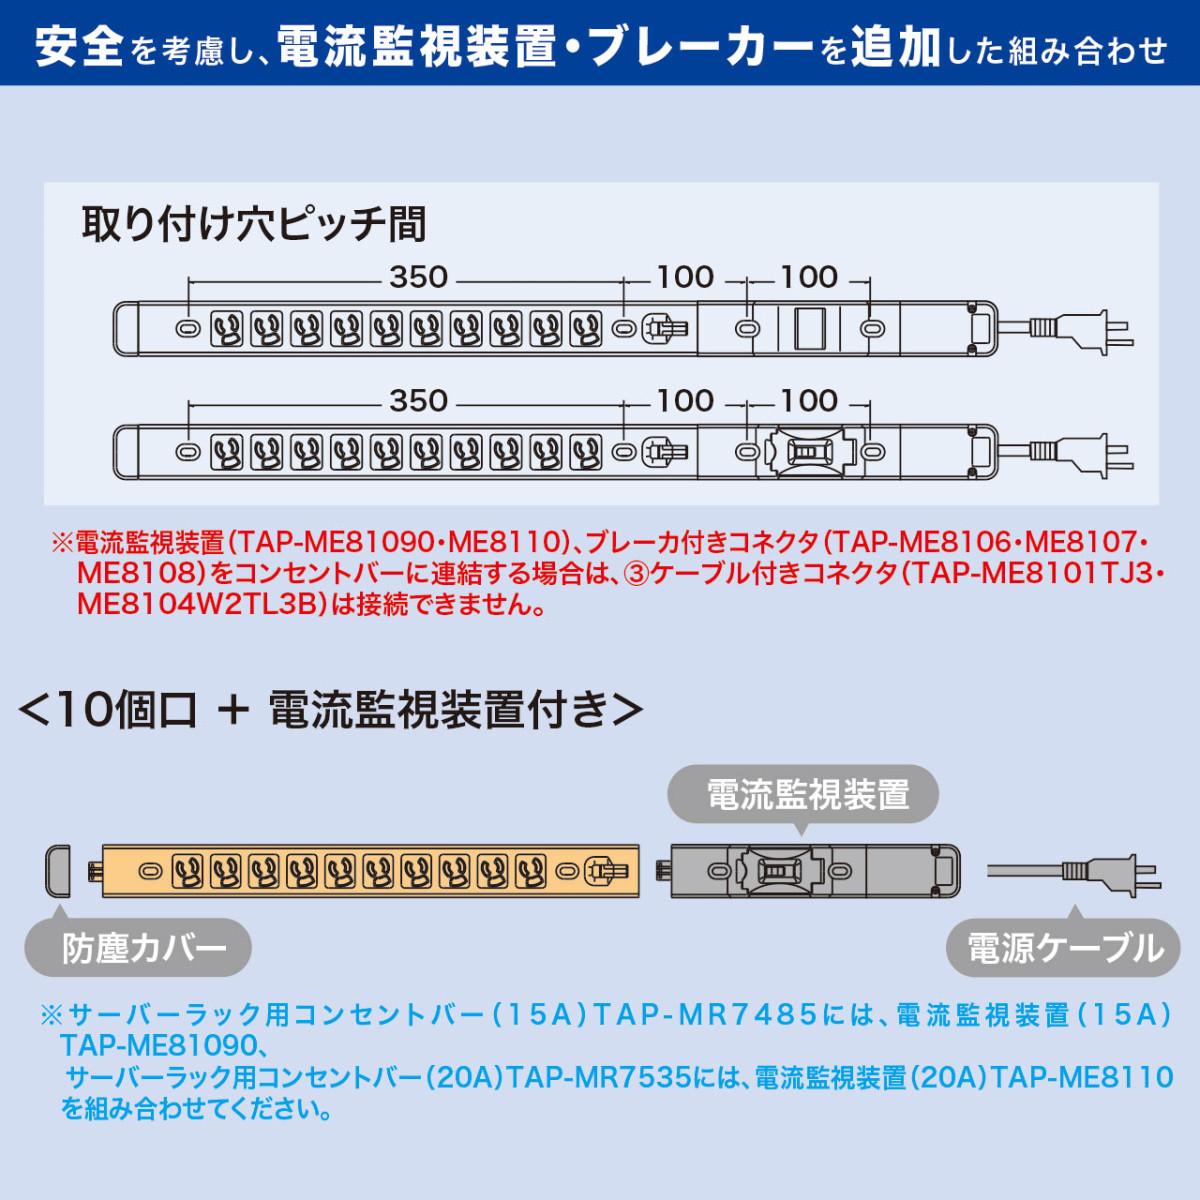 [TAP-ME8110] 20A コンセントバー用電流監視装置